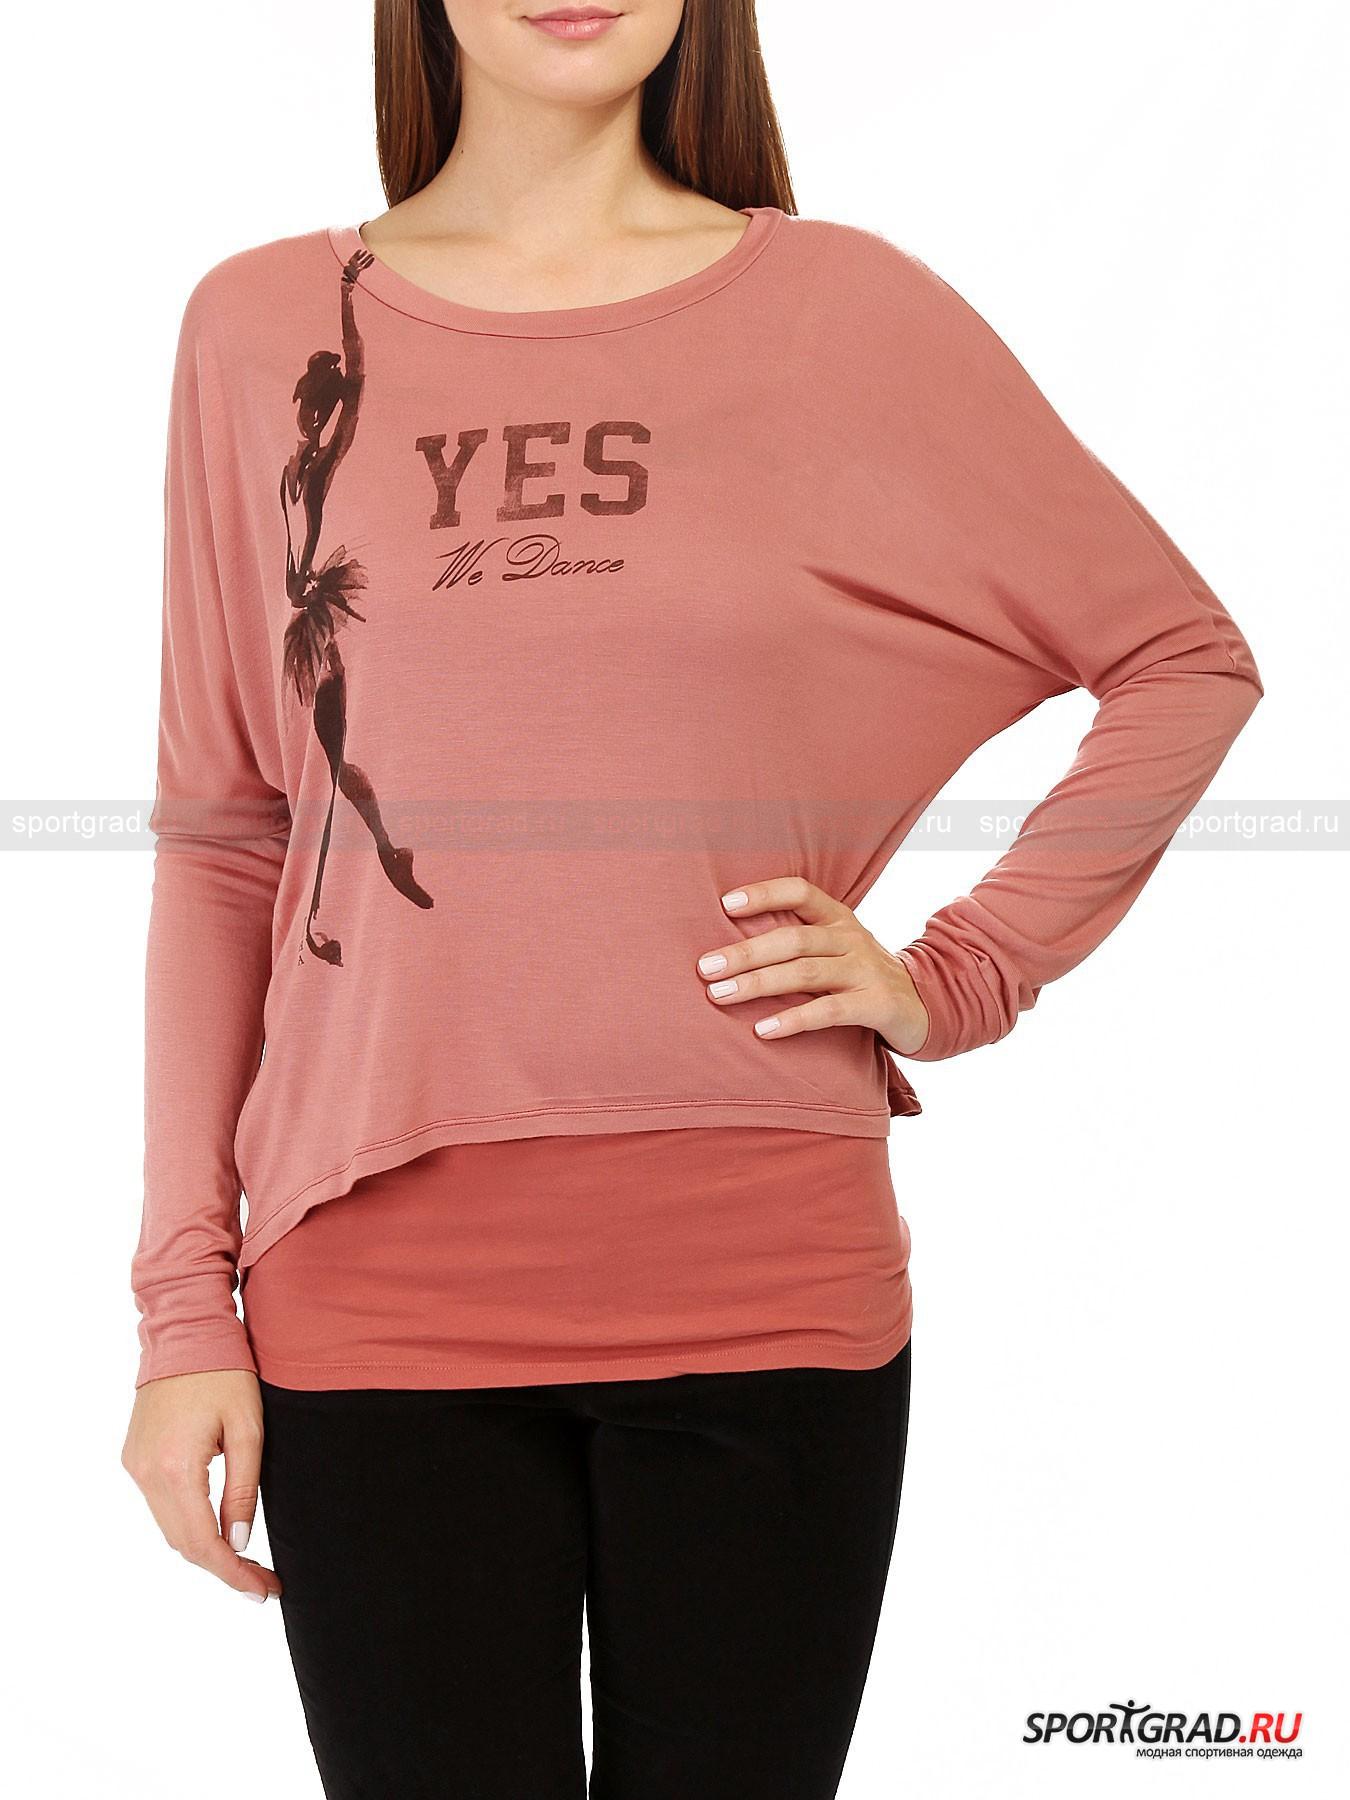 Футболка женская двухслойная DoubleT-shirt DEHAФутболки<br>Потрясающий лонгслив T-shirt Deha предназначен прежде всего для танцоров: профессионалов, любителей и просто «сочувствующих».  Модель состоит из двух слоев, которые можно носить отдельно друг от друга. Базовый слой представляет собой простую однотонную майку на тонких бретелях, пошитую из хлопка с добавлением эластана – очень приятной на ощупь ткани. Сверху создатели вещи предлагают надевать полупрозрачный свободный топ с длинными рукавами фасона «летучая мышь», выполненный из невероятно мягкого и гладкого материала модал. Лонгслив украшен принтом с изображением балерины и надписью Yes We Dance. Сзади модель длиннее, чем спереди.<br><br>Пол: Женский<br>Возраст: Взрослый<br>Тип: Футболки<br>Рекомендации по уходу: стирка в теплой воде до 30 С; не отбеливать; гладить слегка нагретым утюгом (температура до 110 C); только сухая чистка; нельзя выжимать и сушить в стиральной машине<br>Состав: Нижний слой  93% хлопок, 7%  эластан; верхний слой 100% модал